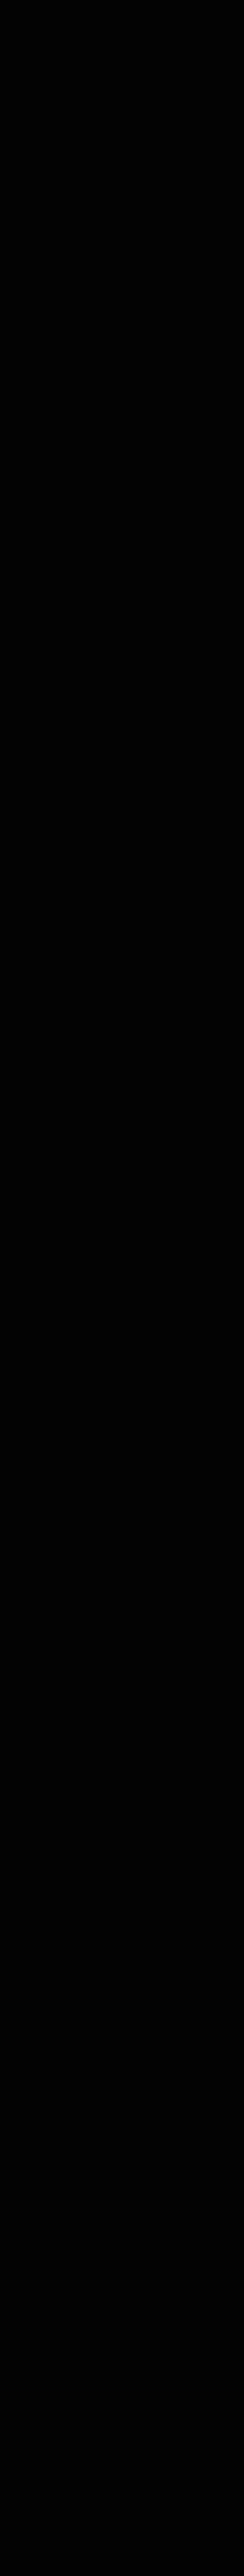 blacksumi1.jpg